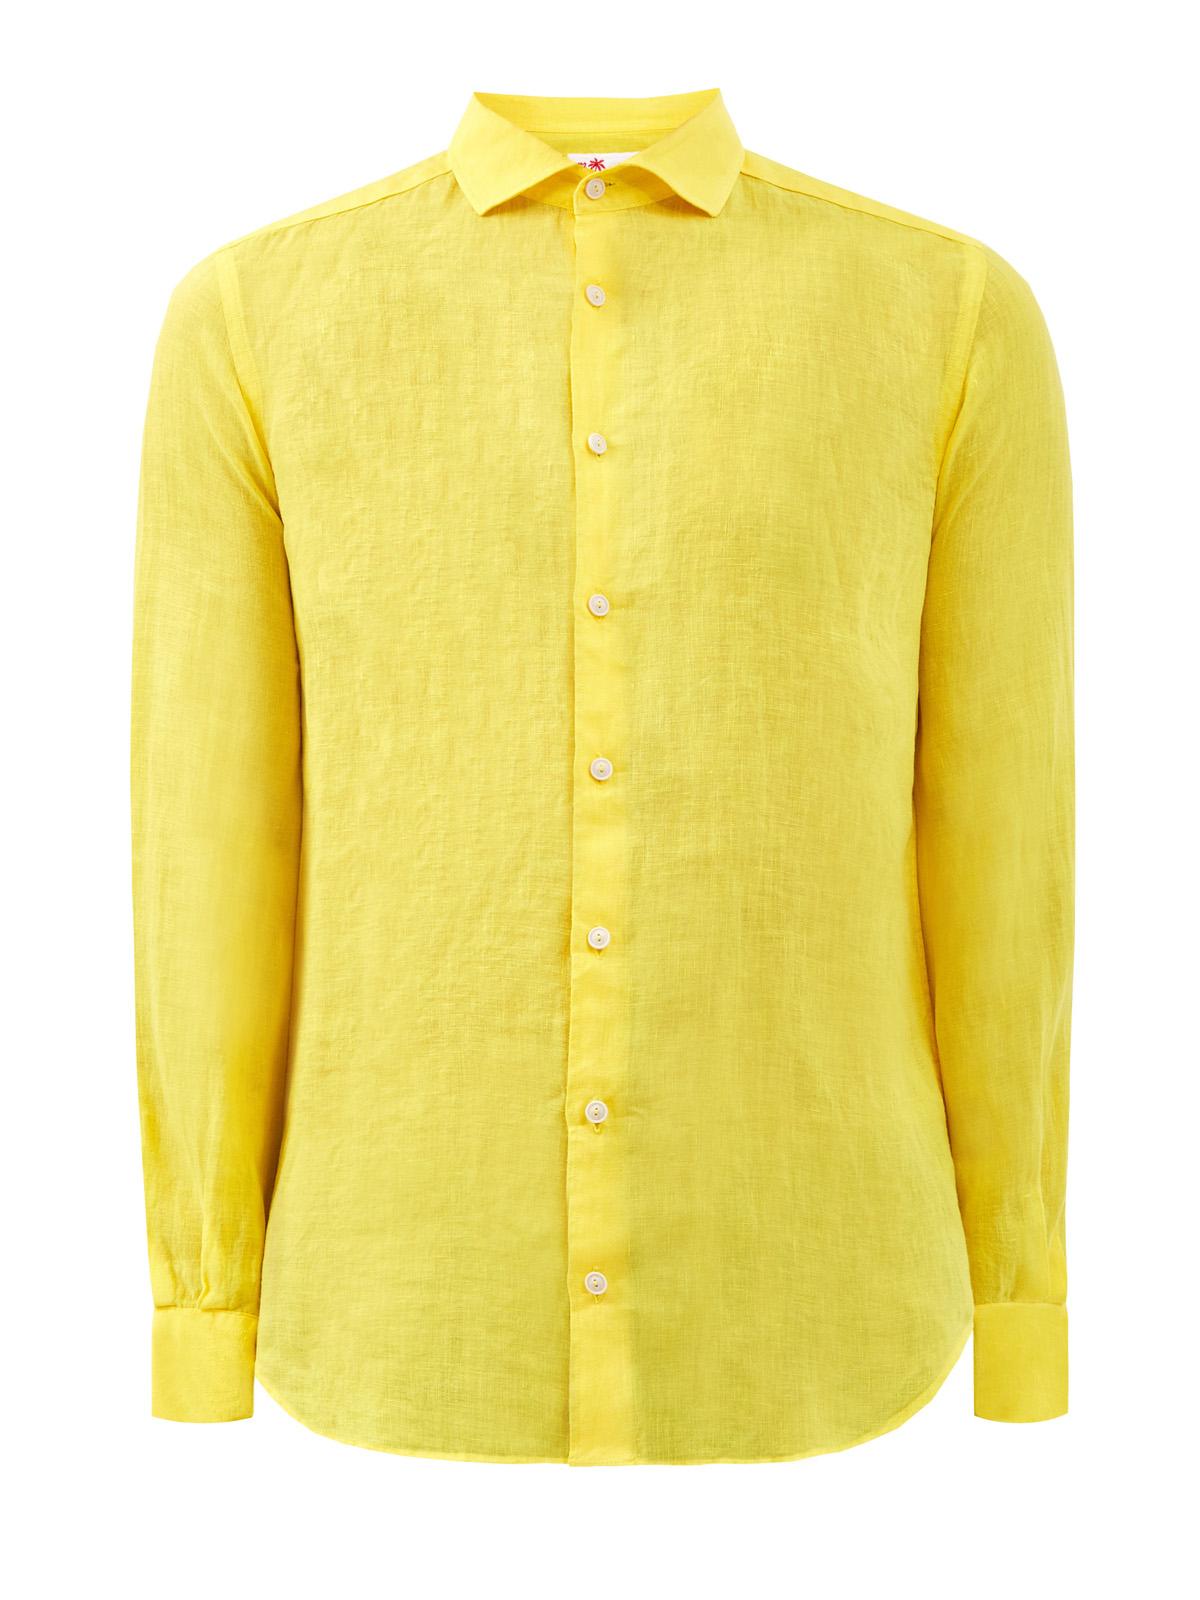 Рубашка в стиле leisure из дышащего льна